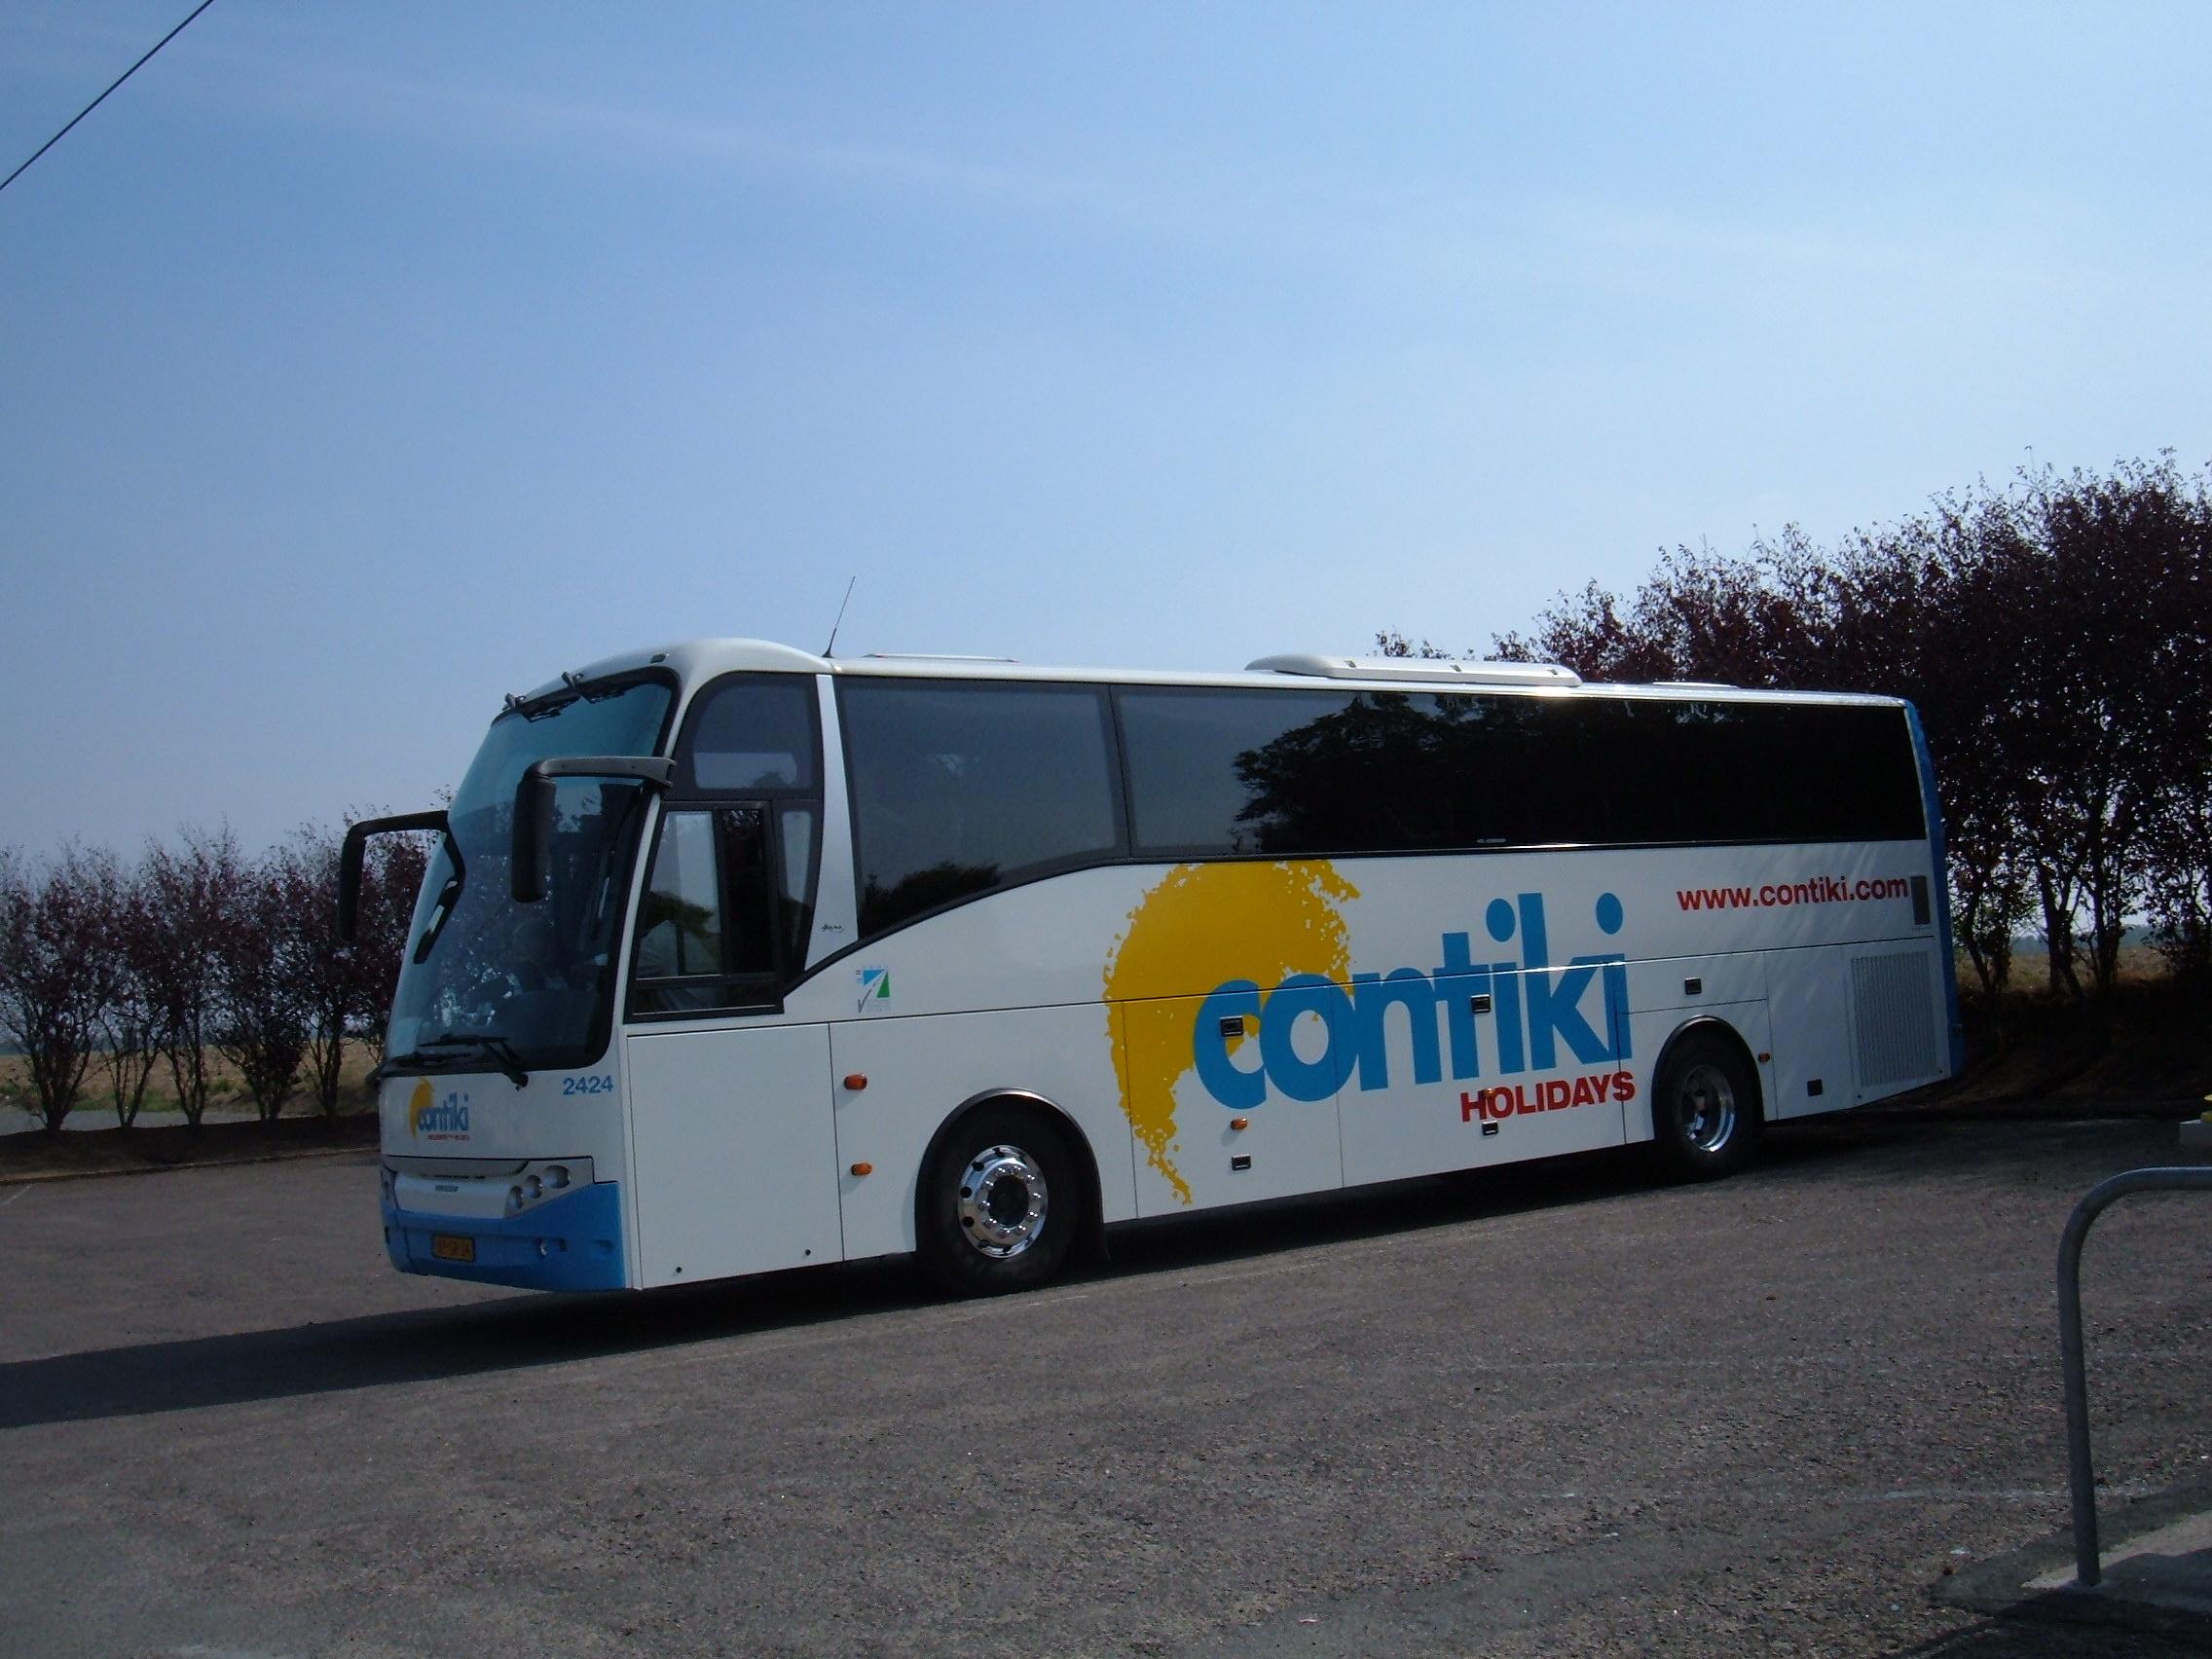 Are Contiki Tours Good